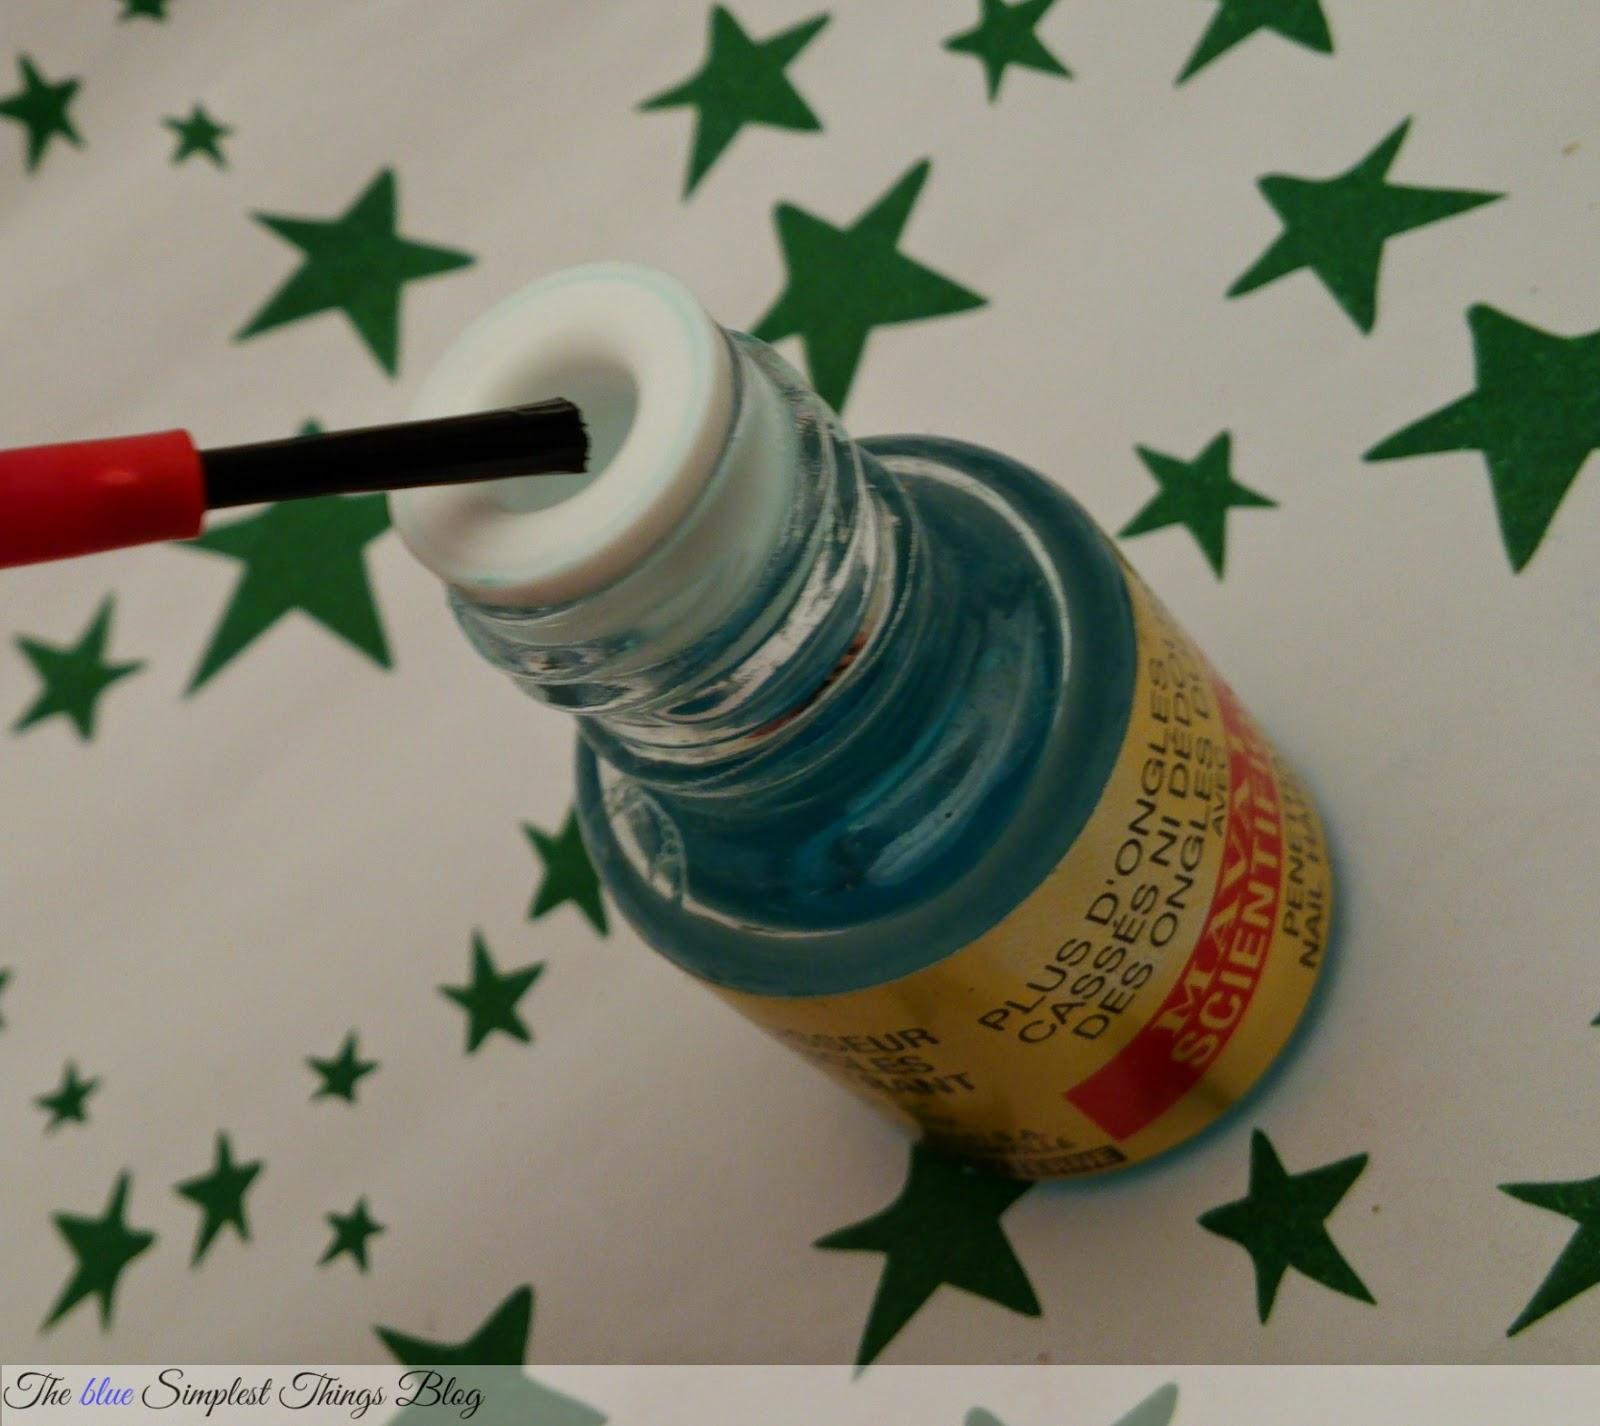 Blue Simplest by Ailen: Como reparar daño profundo en las uñas